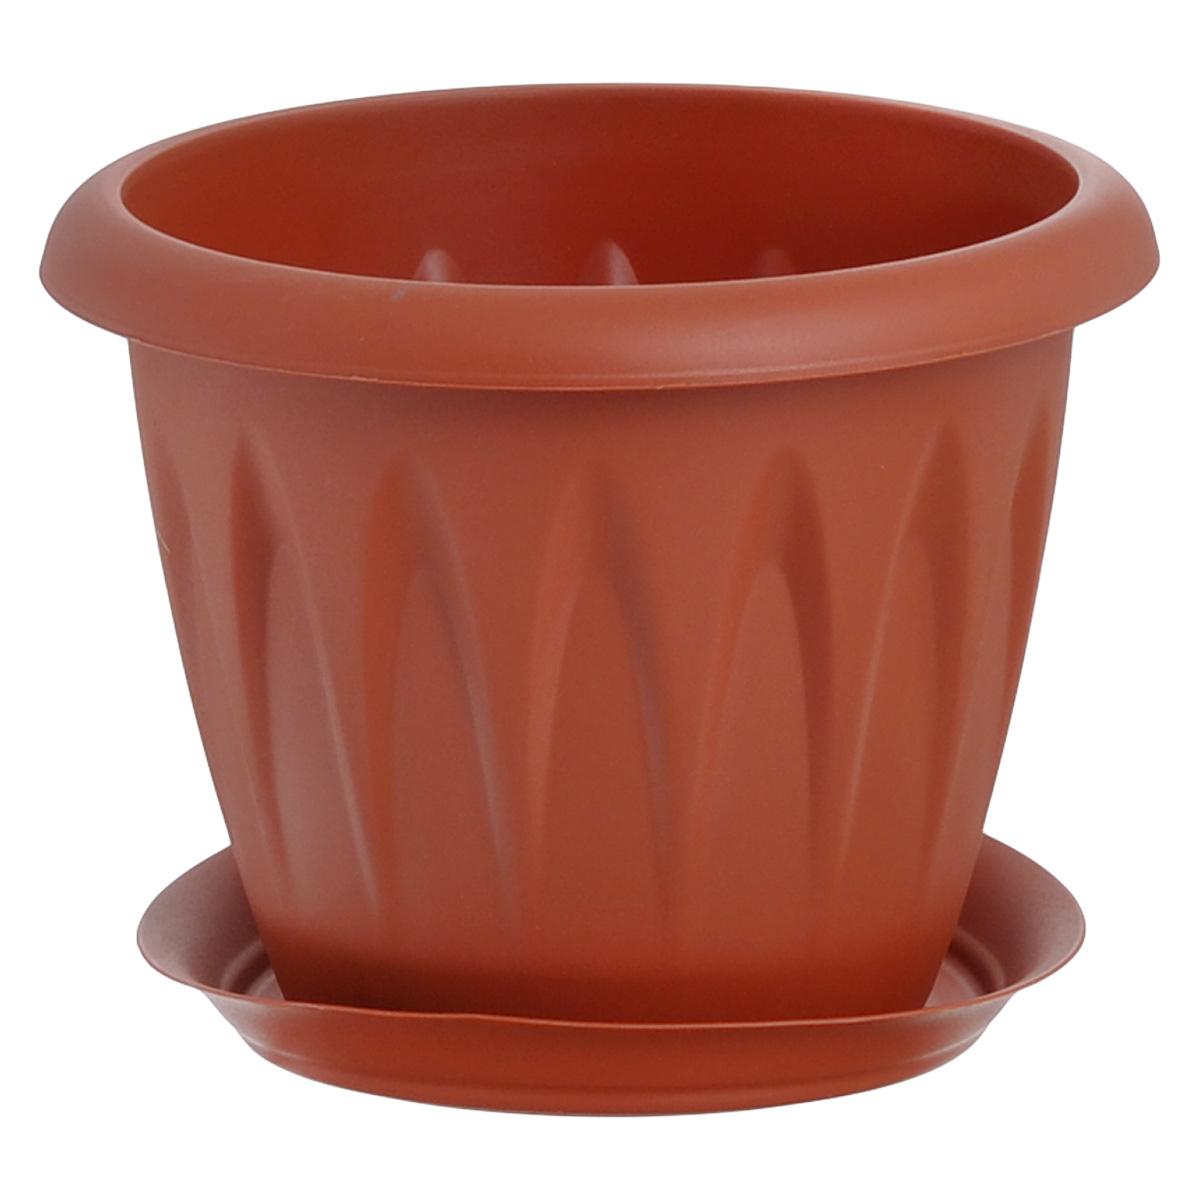 Кашпо Idea Алиция, с поддоном, 1 лK100Кашпо Idea Алиция изготовлено из прочного полипропилена (пластика) и предназначено для выращивания растений, цветов и трав в домашних условиях. Круглый поддон обеспечивает сток воды. Такое кашпо порадует вас функциональностью, а благодаря лаконичному дизайну впишется в любой интерьер помещения. Диаметр кашпо по верхнему краю: 14 см. Высота кашпо: 11 см. Диаметр поддона: 12 см. Объем кашпо: 1 л.